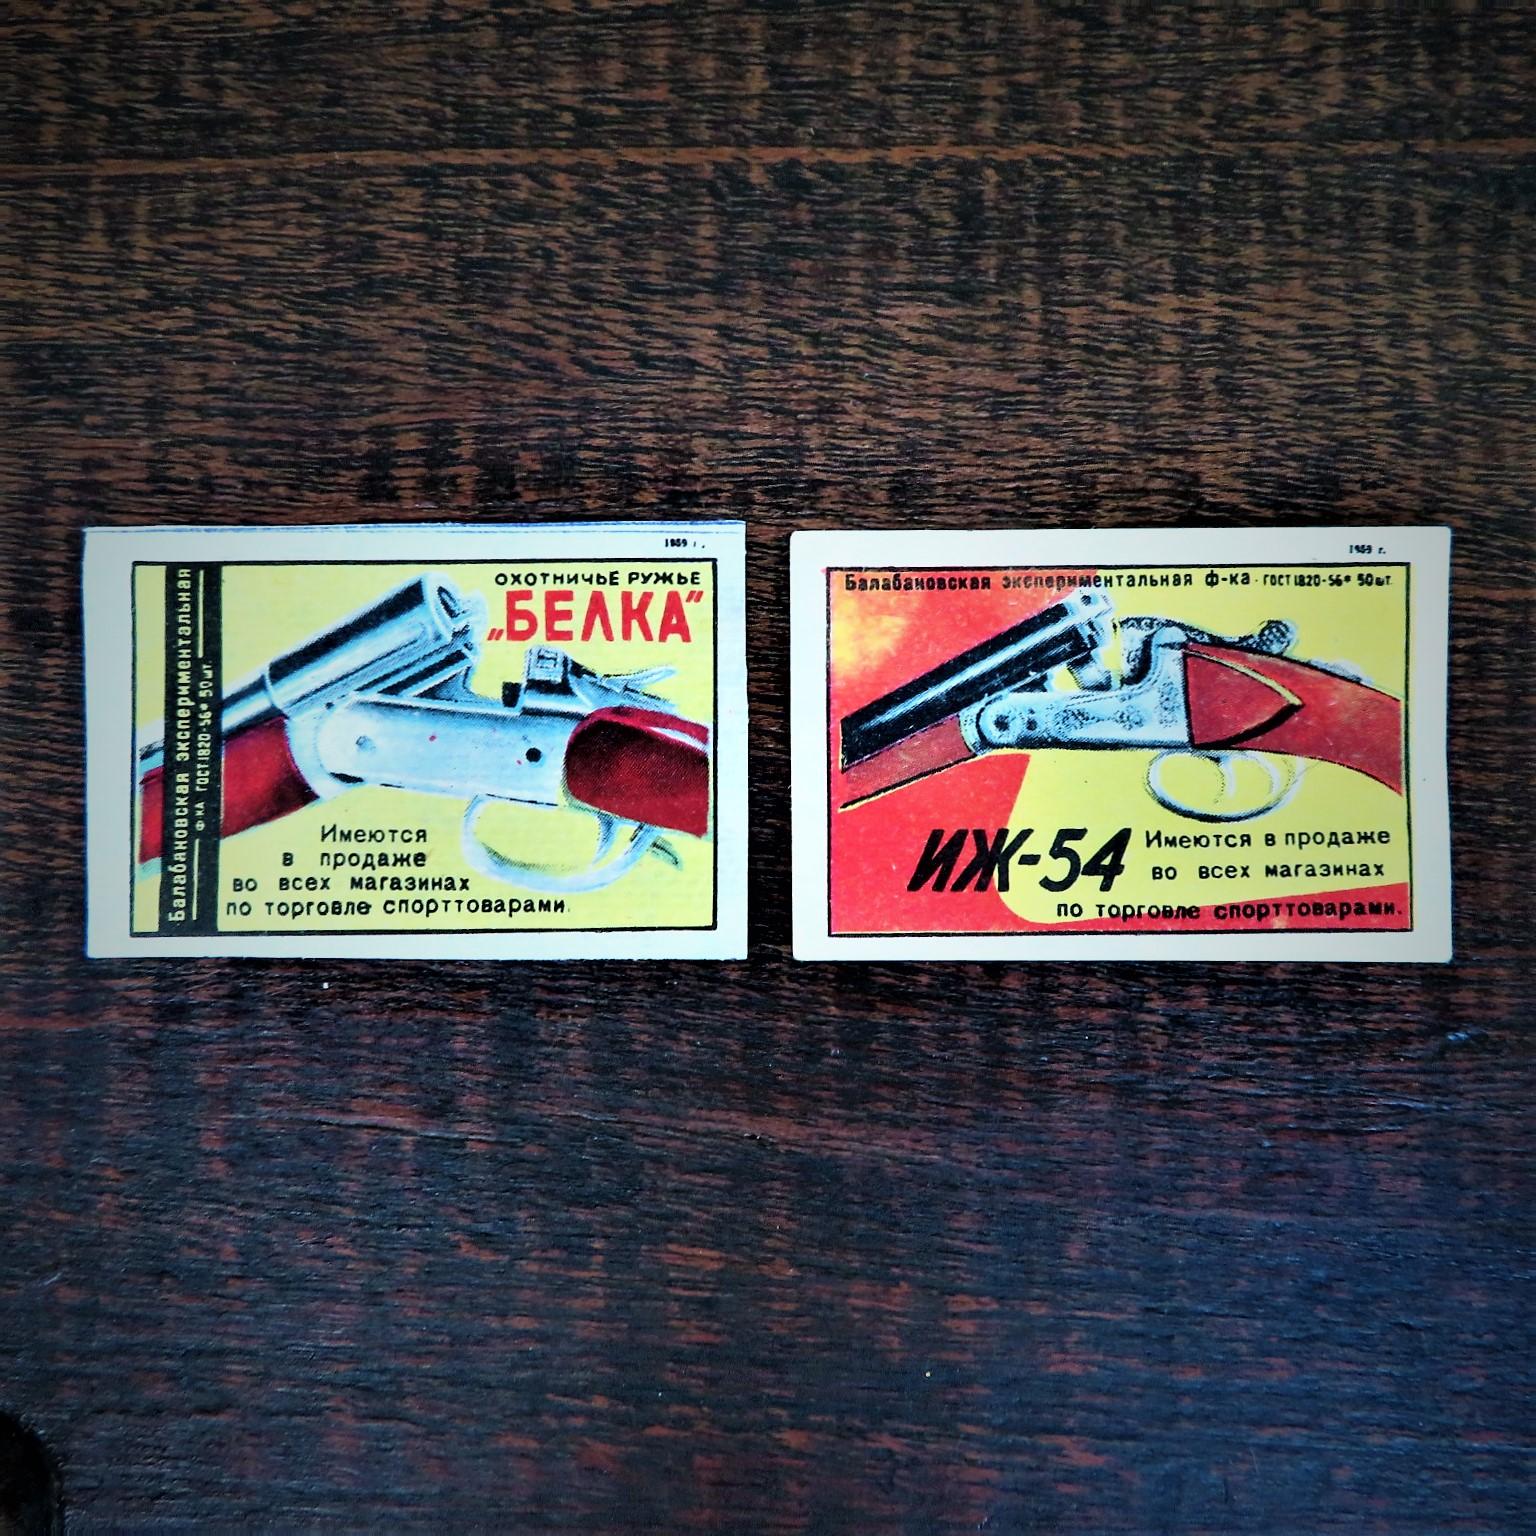 matchbox-labels-soviet-union-2